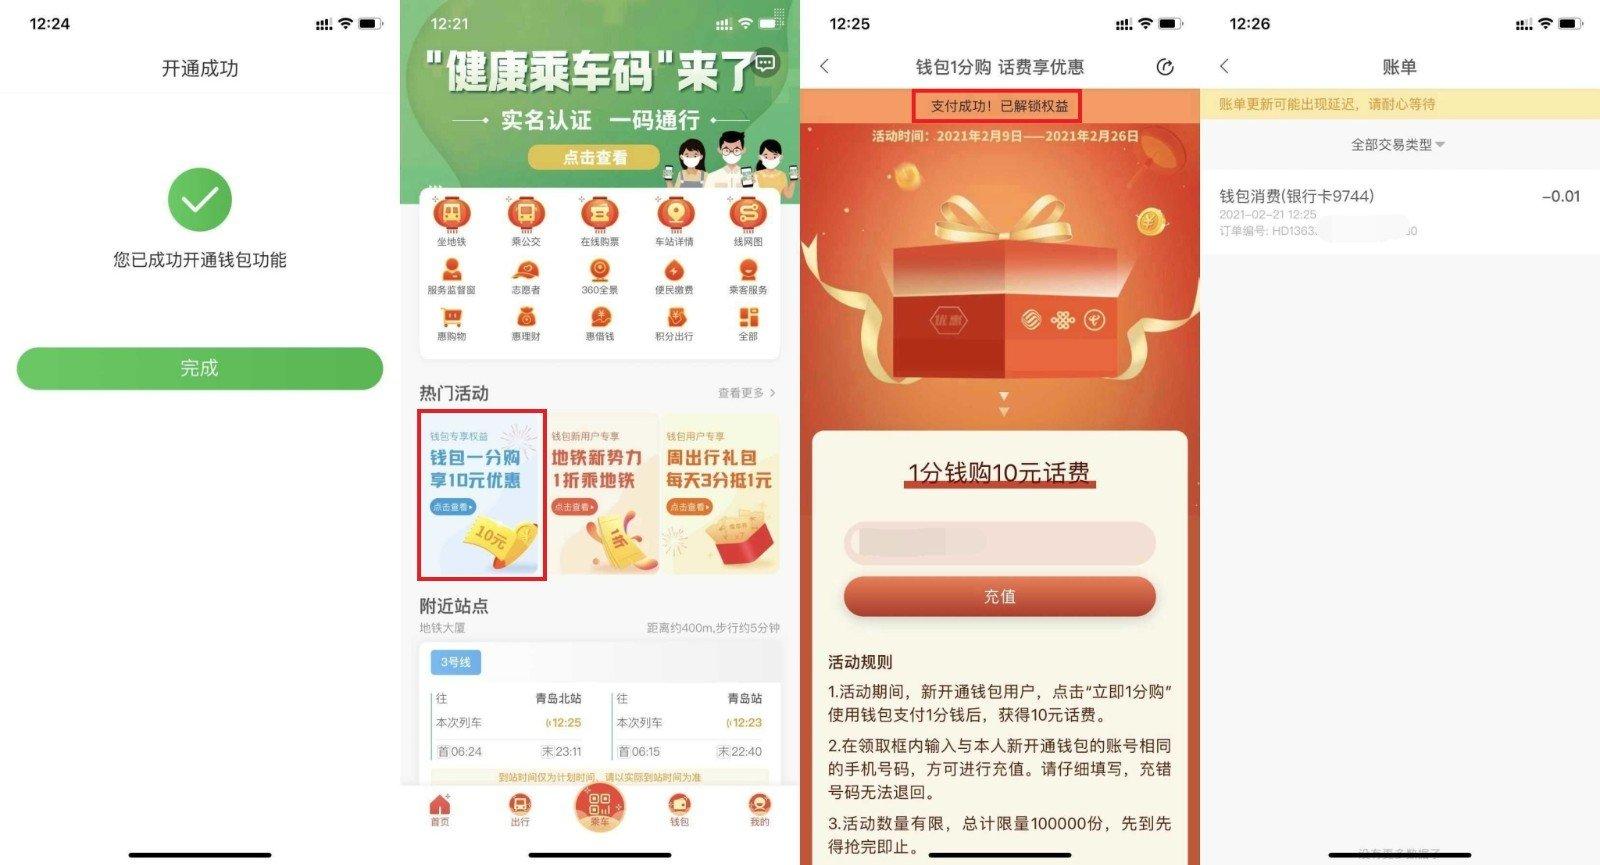 青岛地铁新用户0.01充10话费插图1